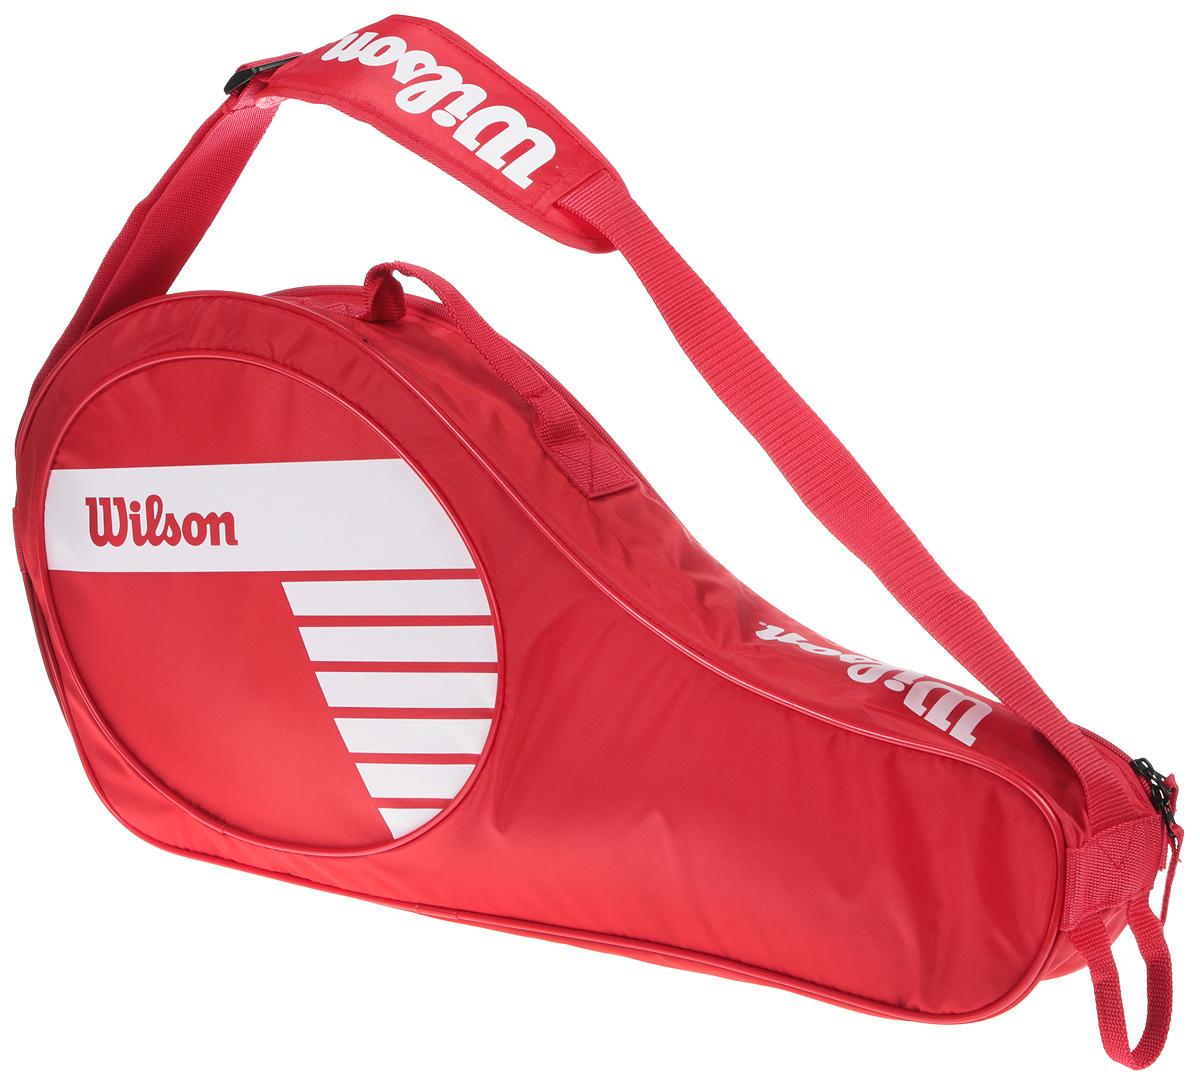 Рюкзак для теннисных ракеток Wilson Junior 3 Pack RdwhWRZ647803Детская сумка, вмещает до 3-х ракет + просторный карман для аксессуаров.